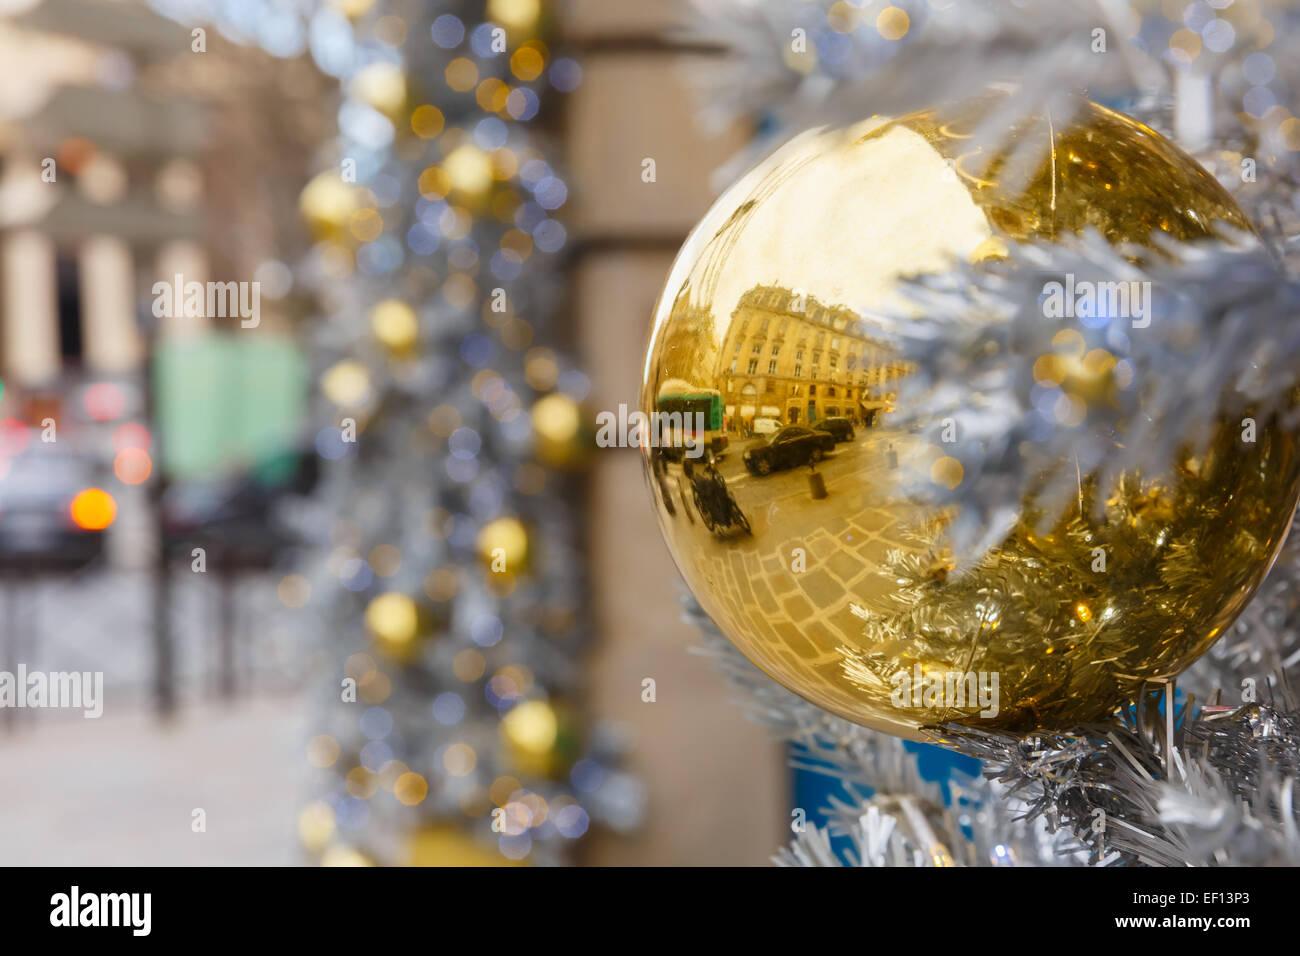 Golden lucido sulla palla Natale decorate street a Parigi, Francia Immagini Stock